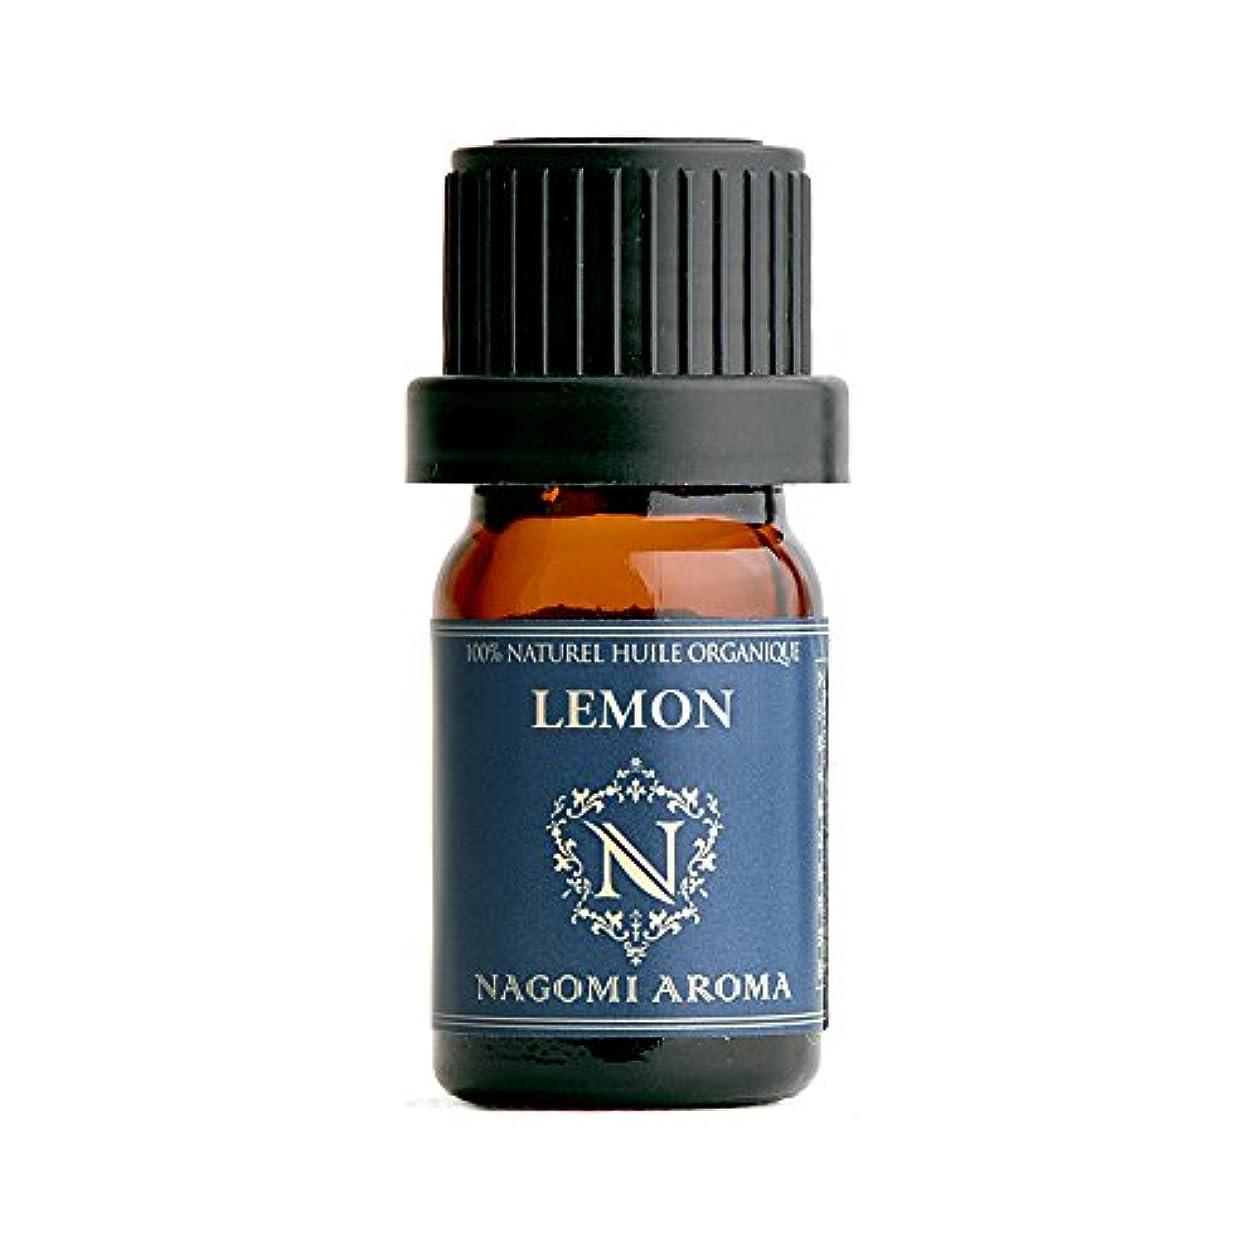 表示ランダム才能のあるNAGOMI AROMA オーガニック レモン 5ml 【AEAJ認定精油】【アロマオイル】